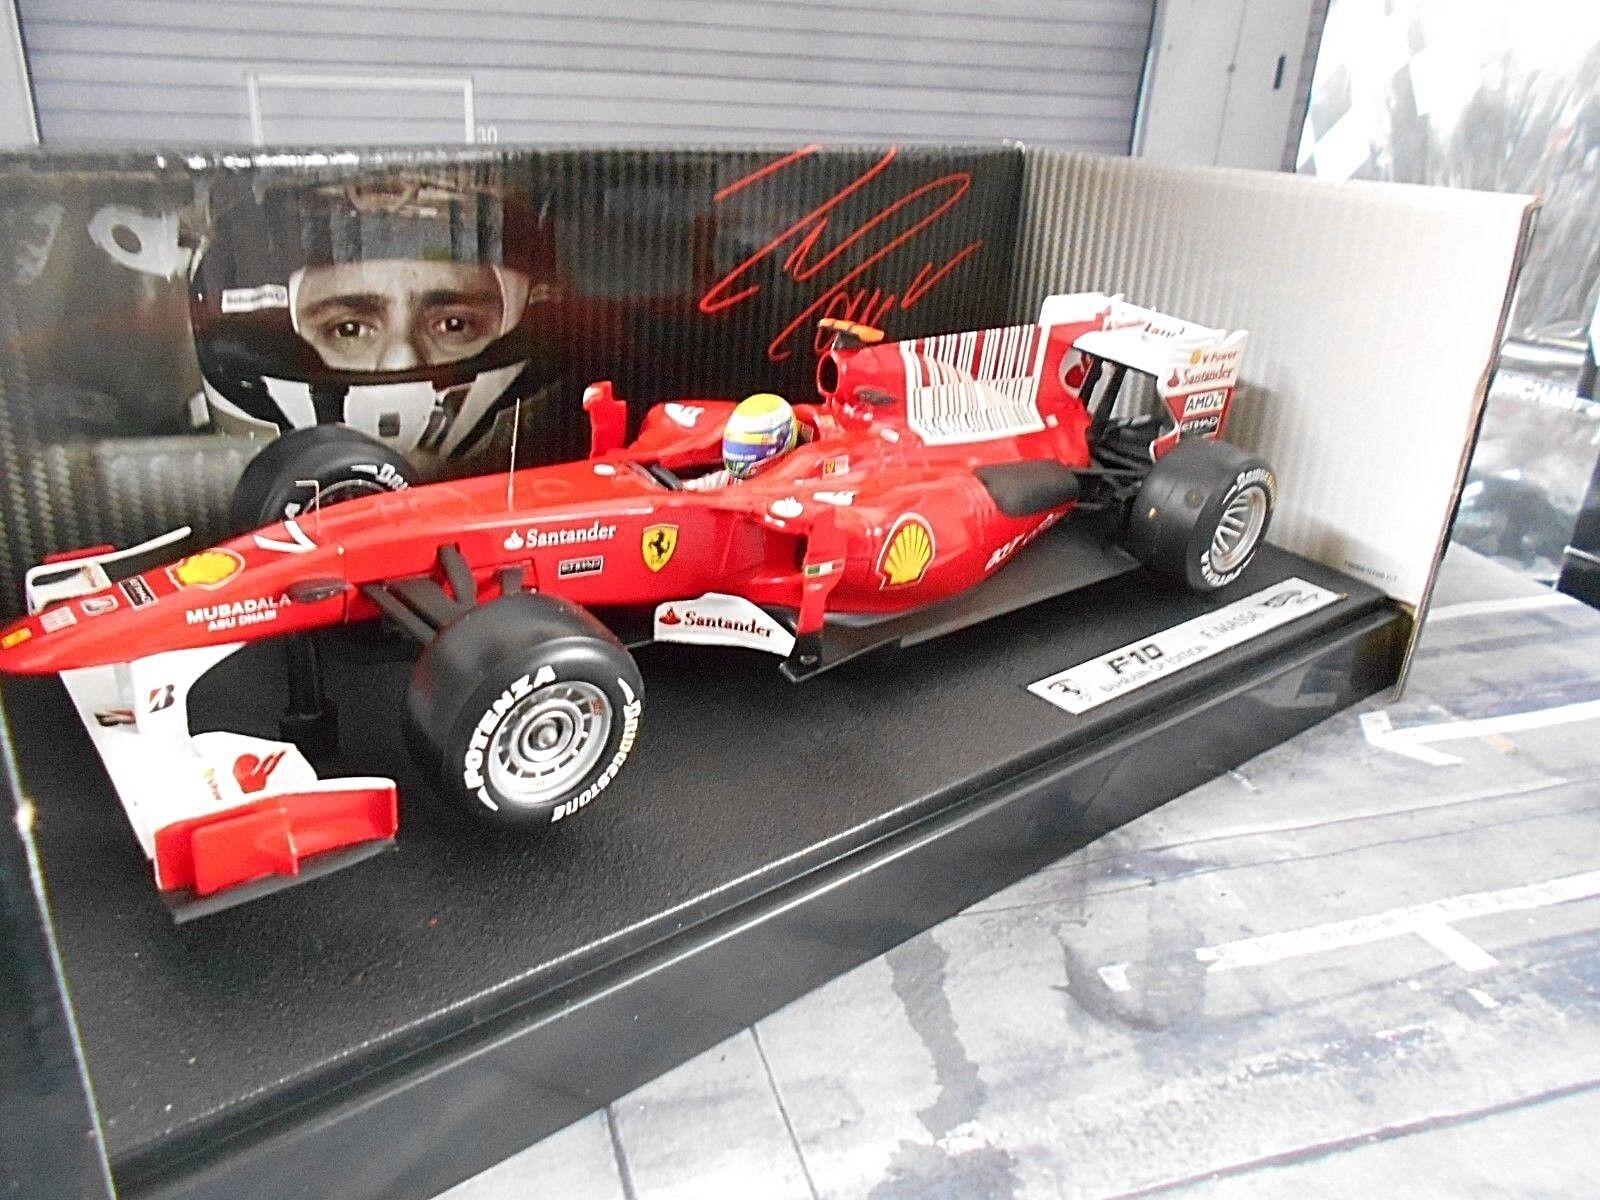 Ferrari f1 f2010 2010 f10 Bahréin gp massa mattel Hot Wheels sp 1 18